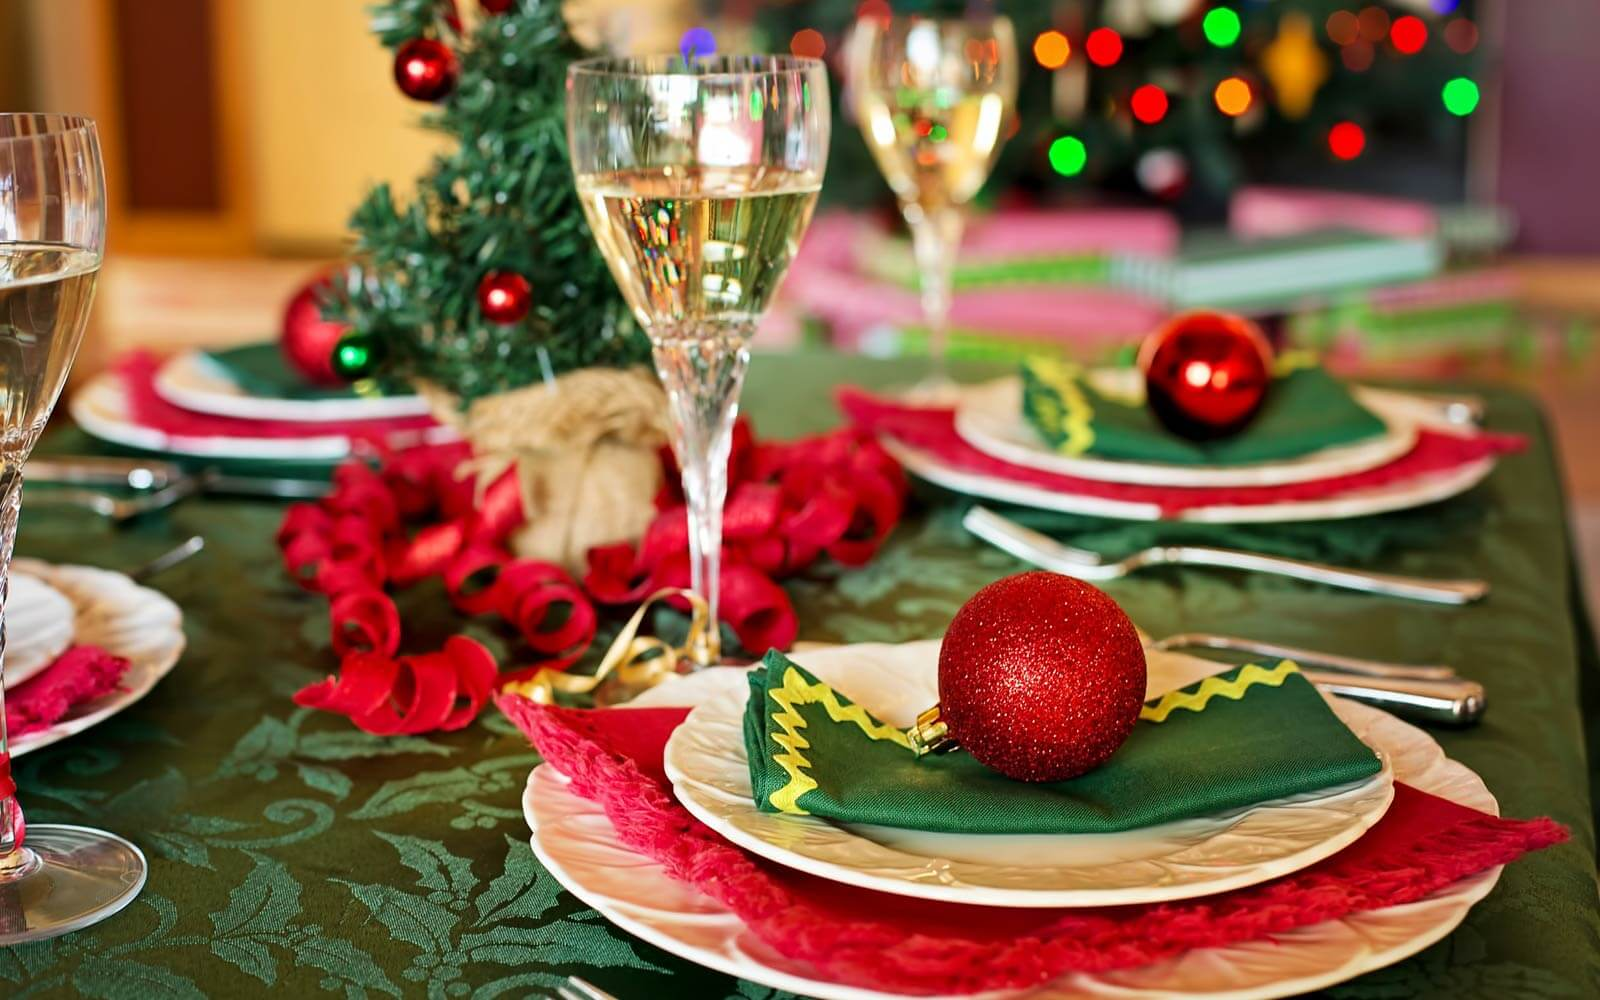 Weihnachtsessen Deutschland Tradition.Top 5 Deutsche Weihnachtstraditionen Die Du Mit Deiner Gastfamilie